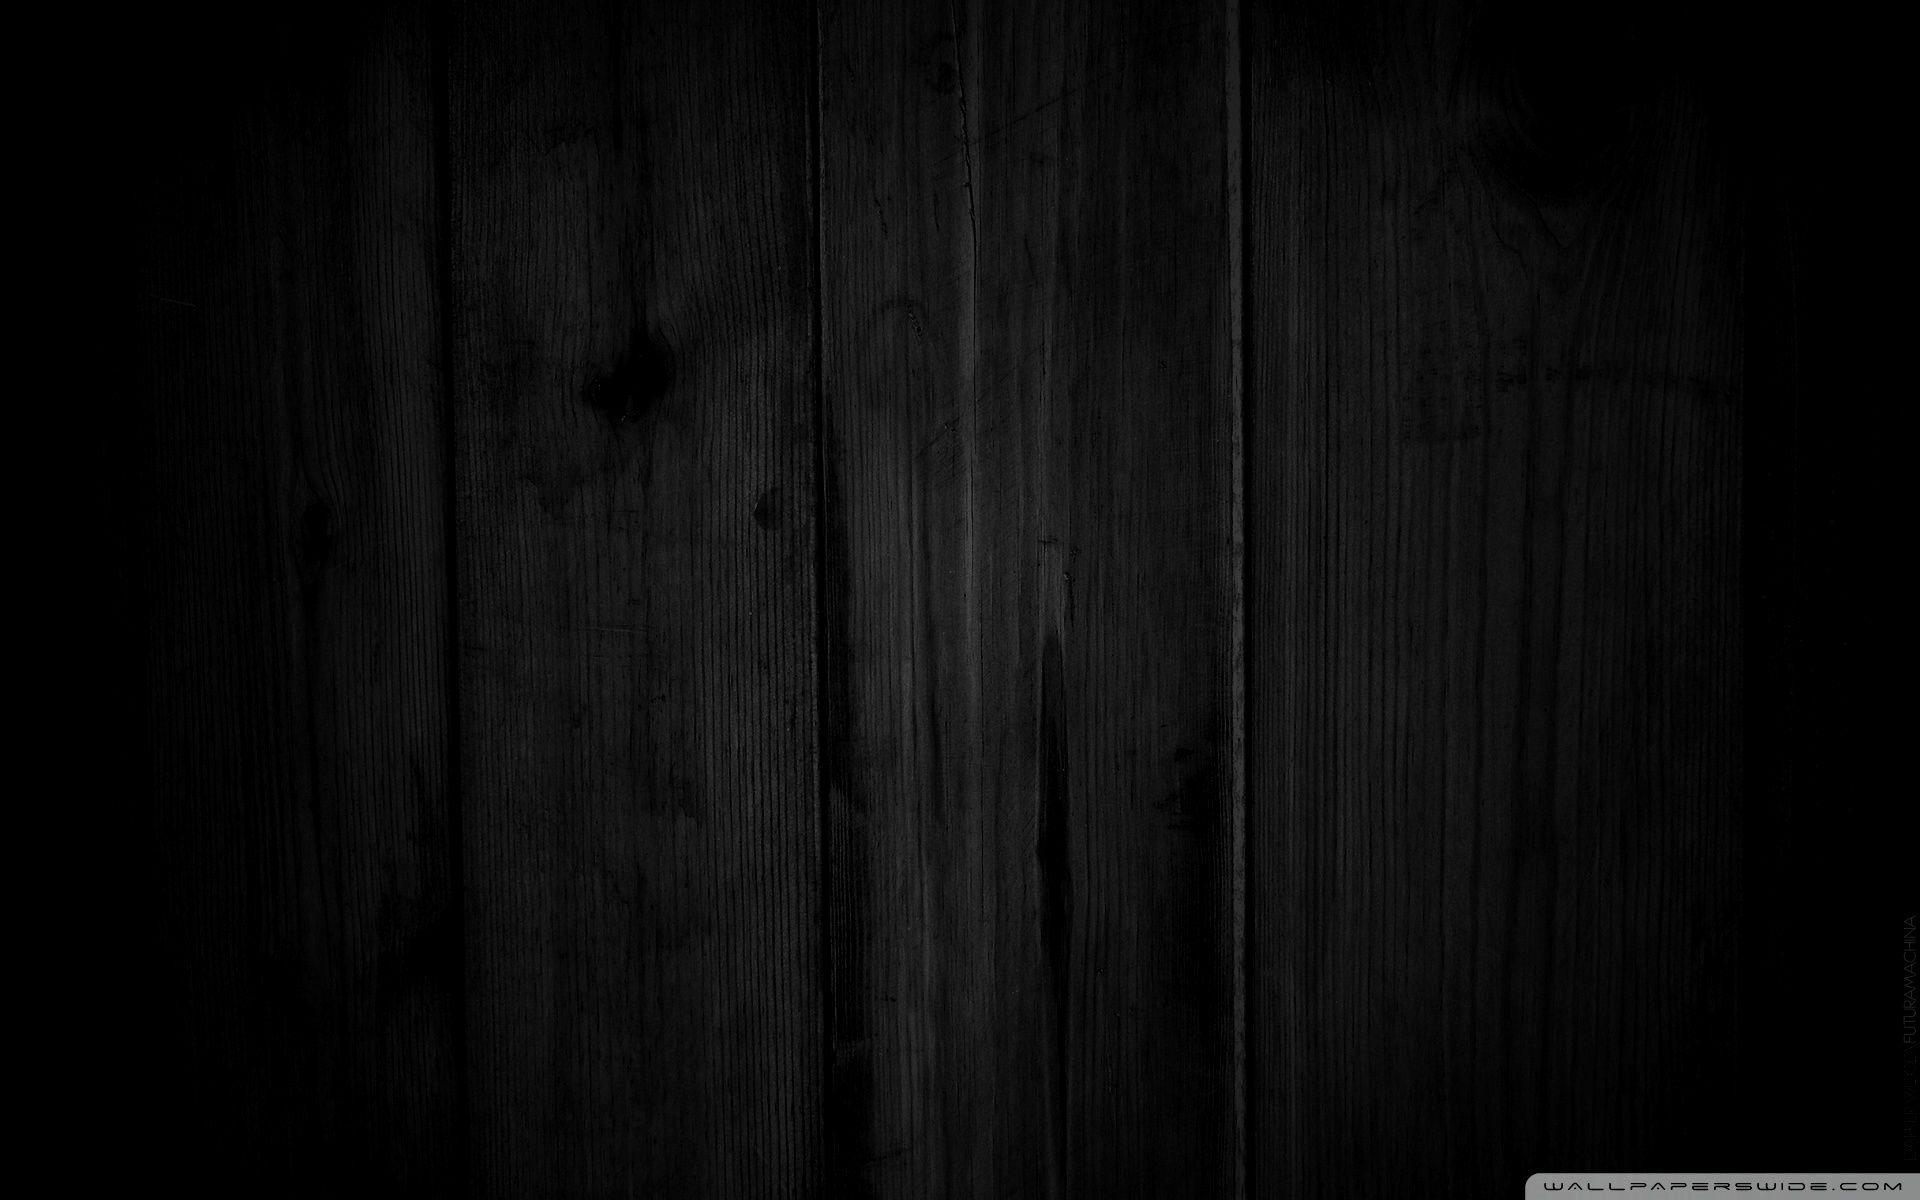 4k Wallpaper Dark Wood Trick Di 2020 Inspirasi